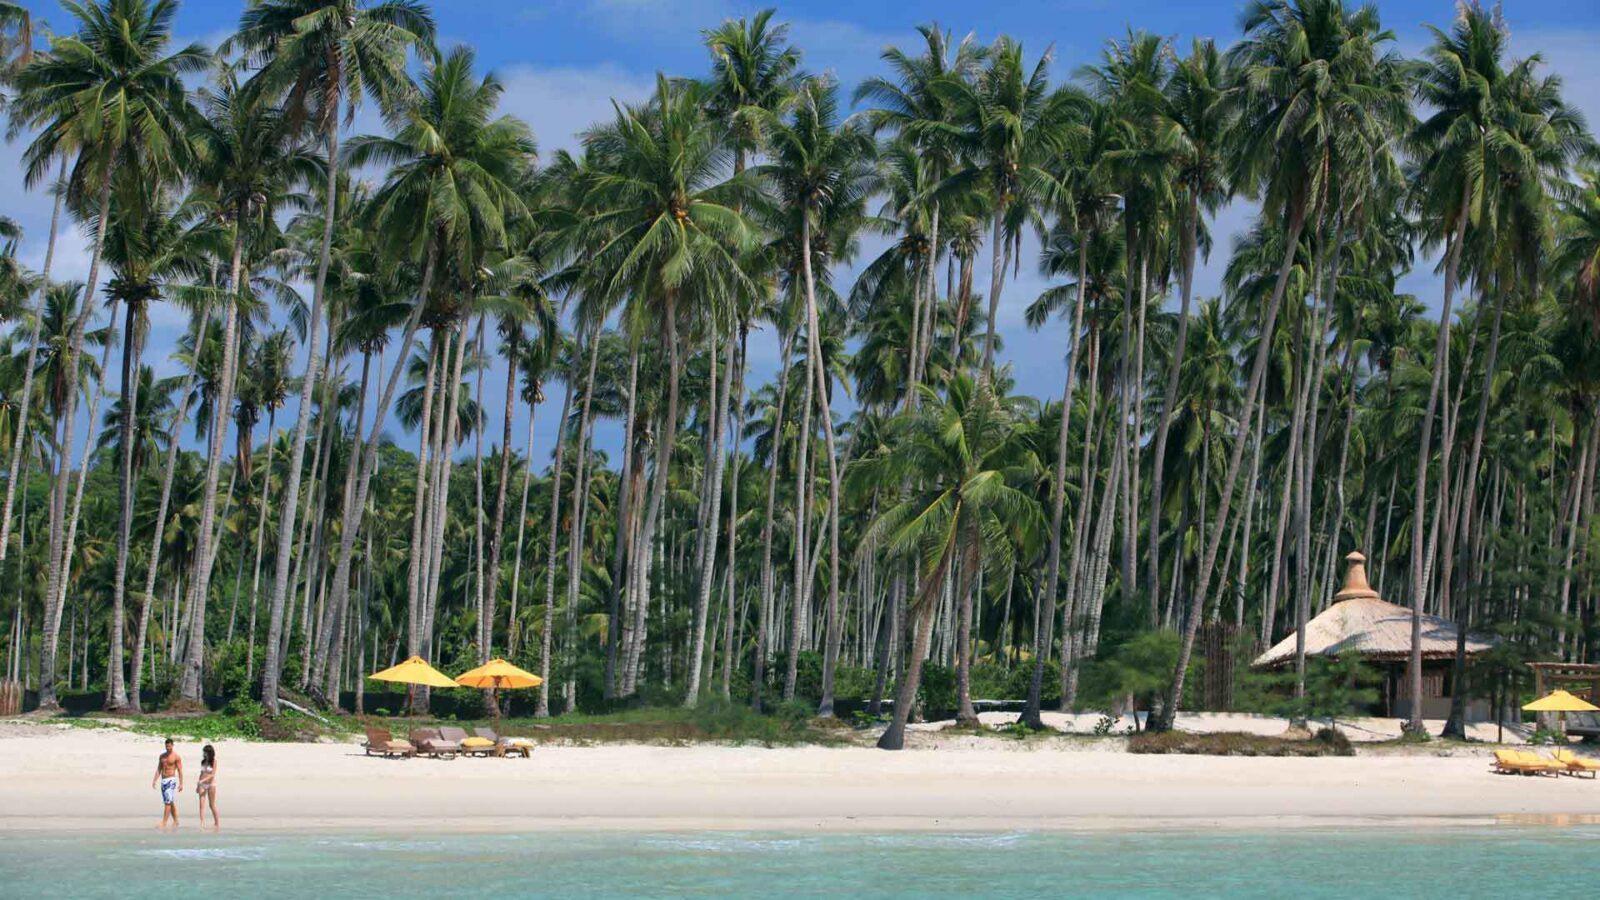 Фото пальм на острове